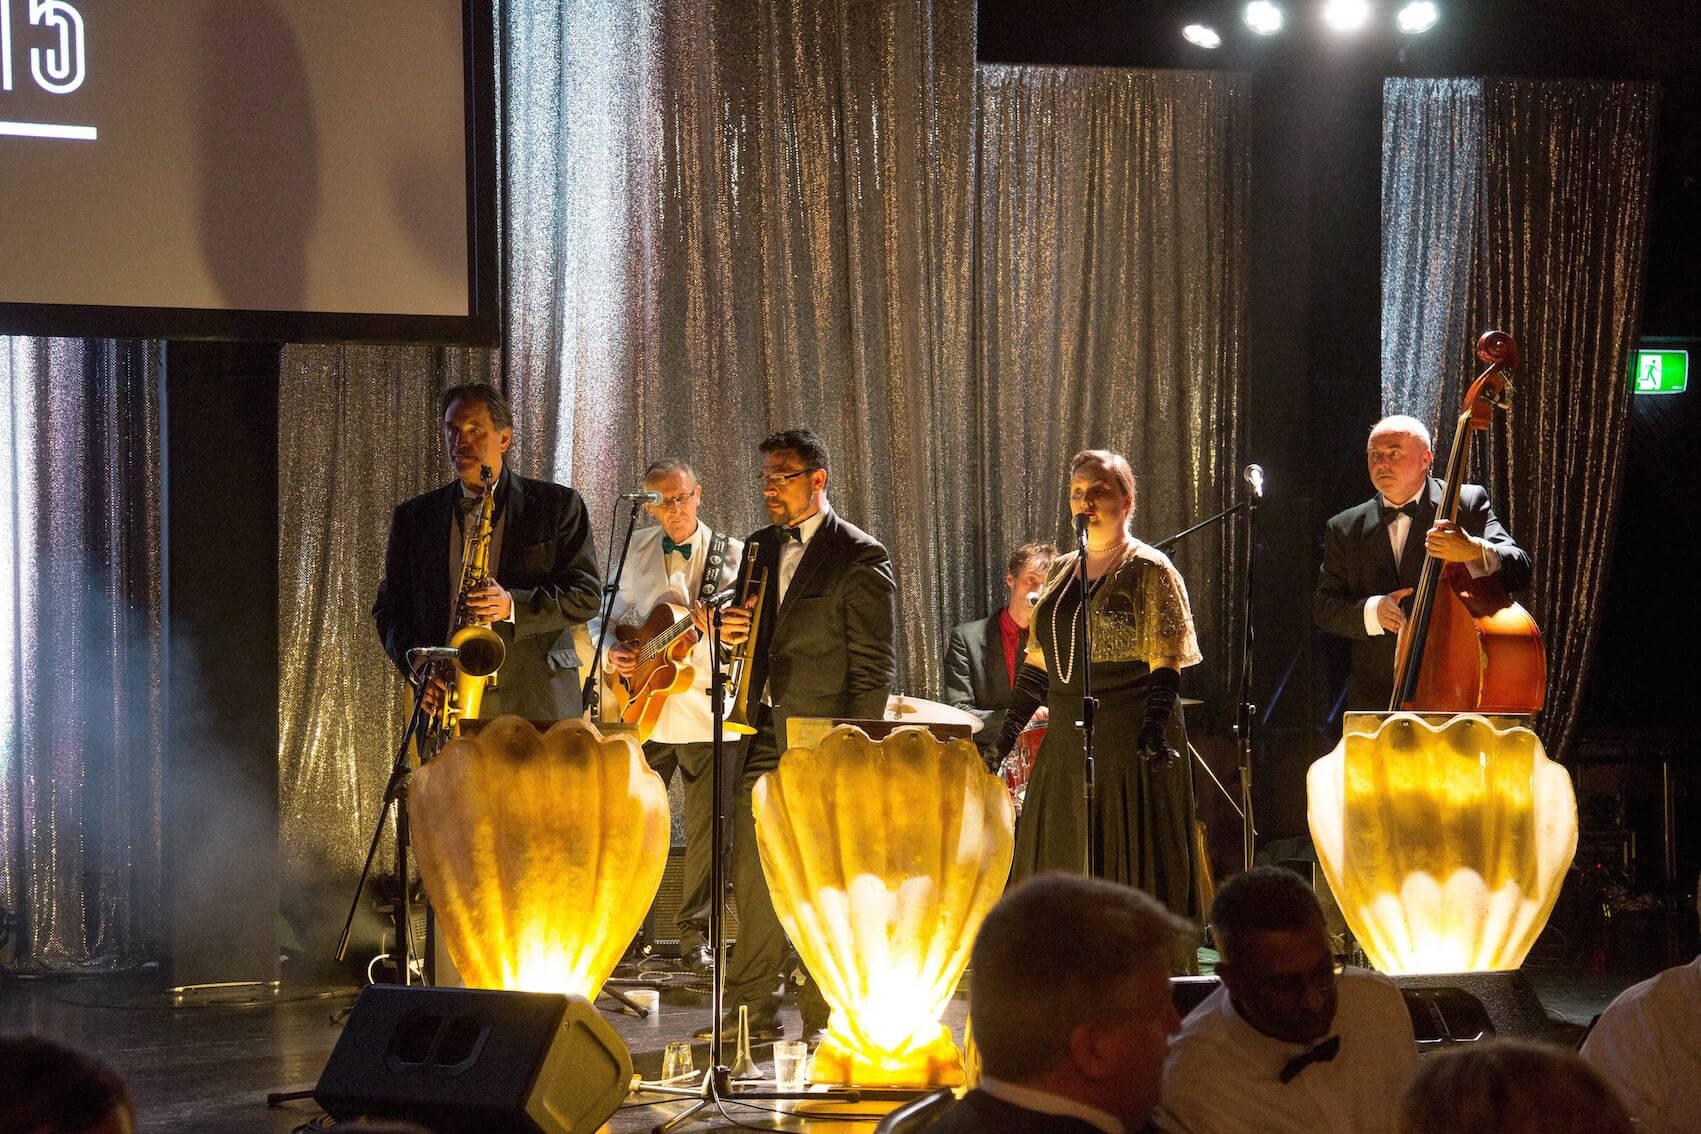 Company Awards Night - Suncorp 6